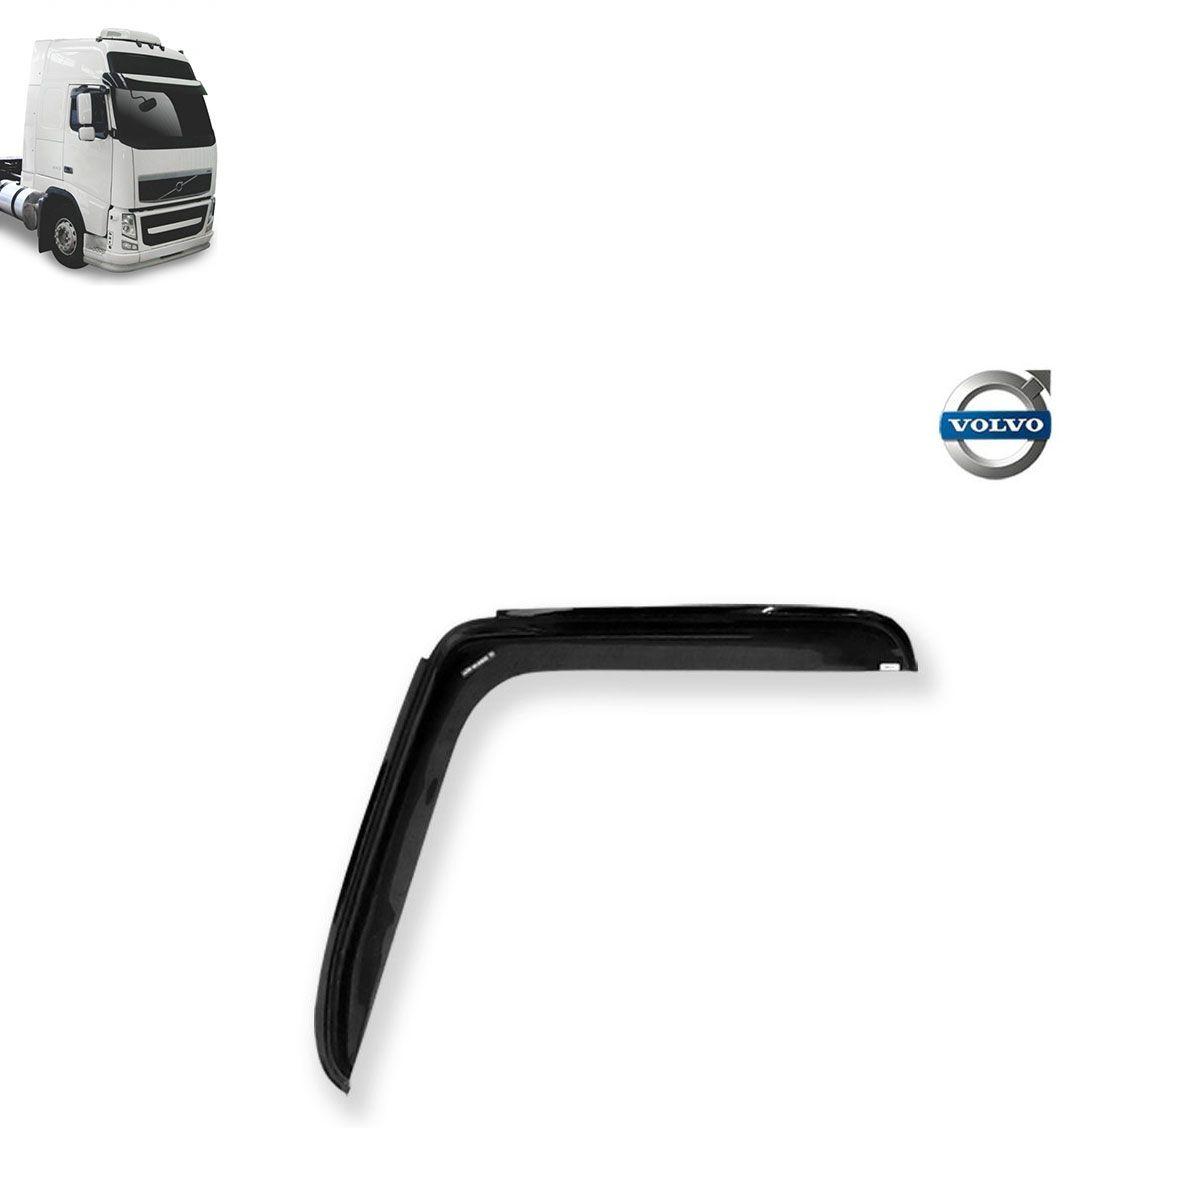 Calha de Chuva Porta para Caminhão Volvo FH 2010 ( Fix. Na lata) Adesiva